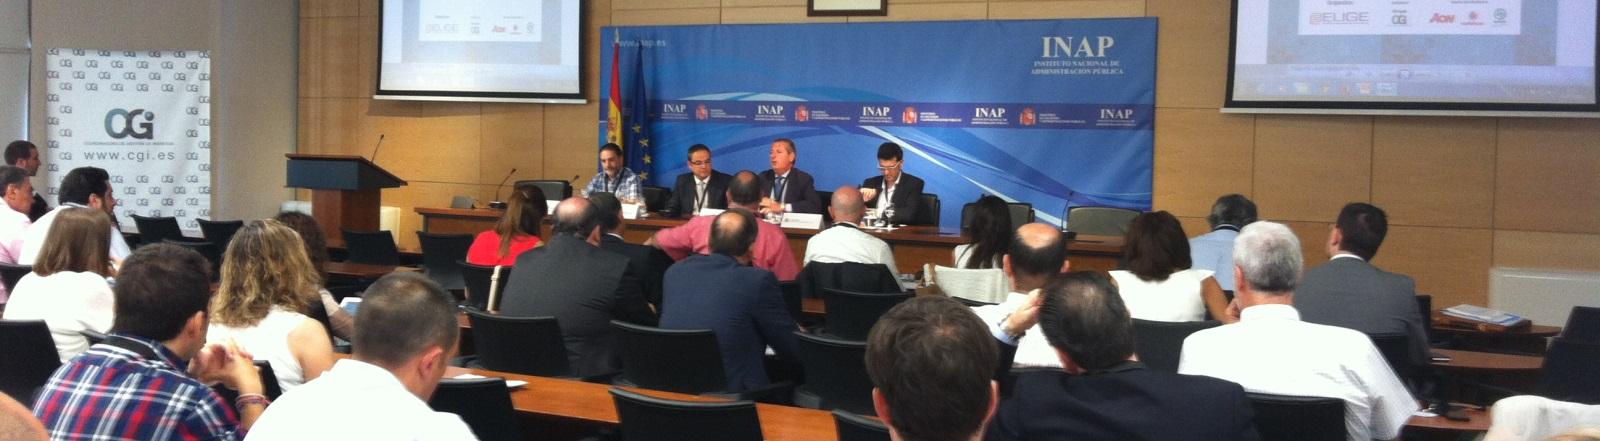 Sevilla, primera parada del cicle de 8 jornades sobre cost efectiu dels serveis organitzades per ELIGE, l'INAP i CGI